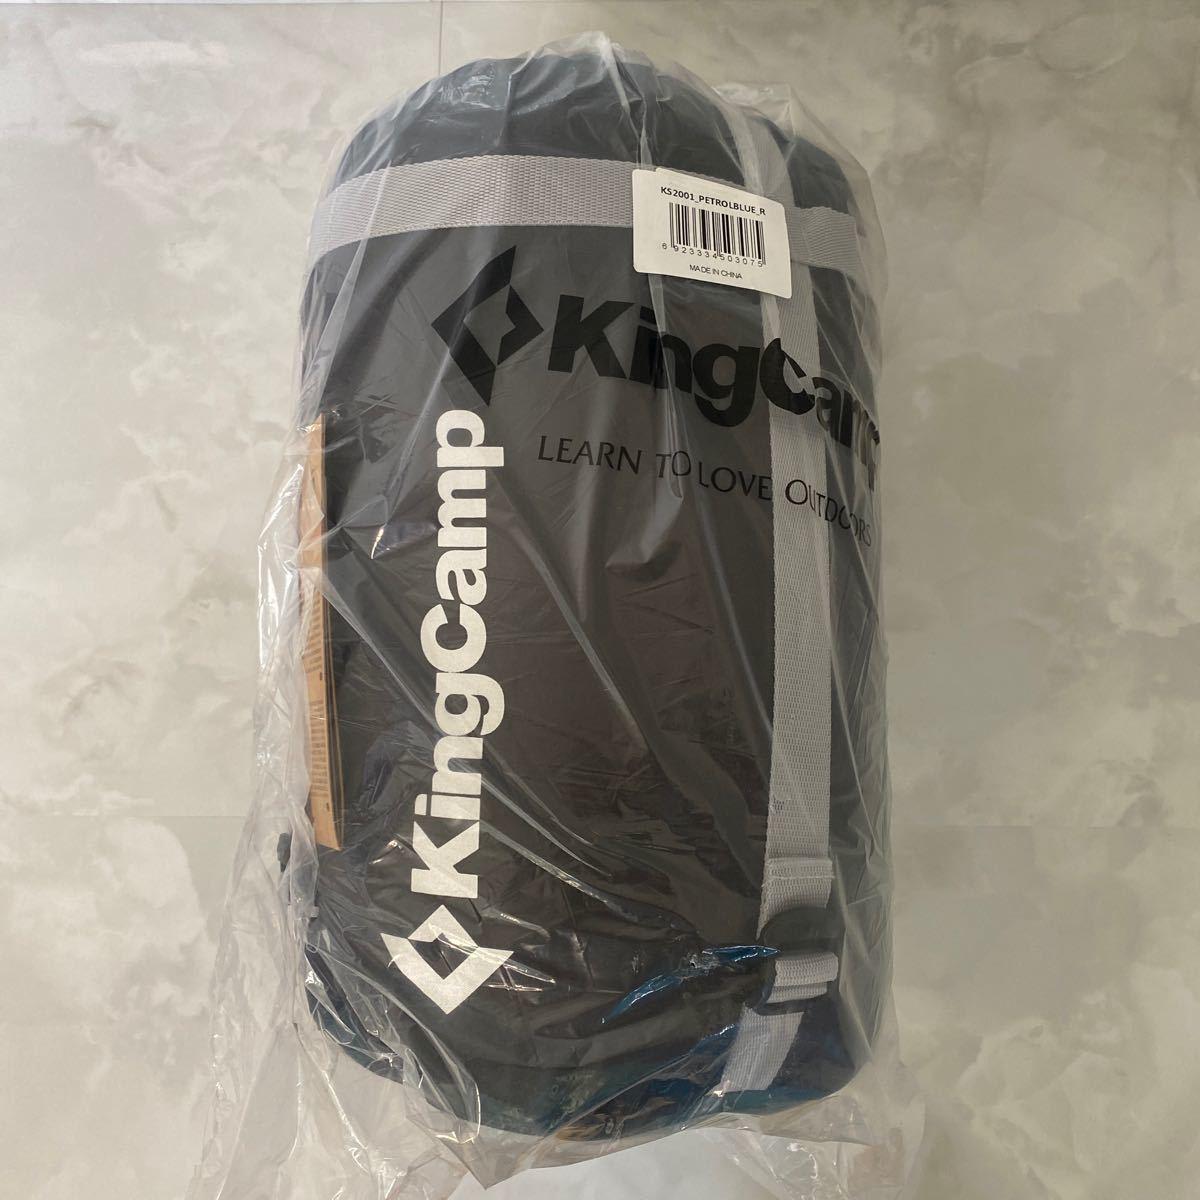 寝袋 封筒型 シュラフ 保温 210T防水 コットン キャンプ 登山 車中泊 スリーピングバッグ アウトドア 室内